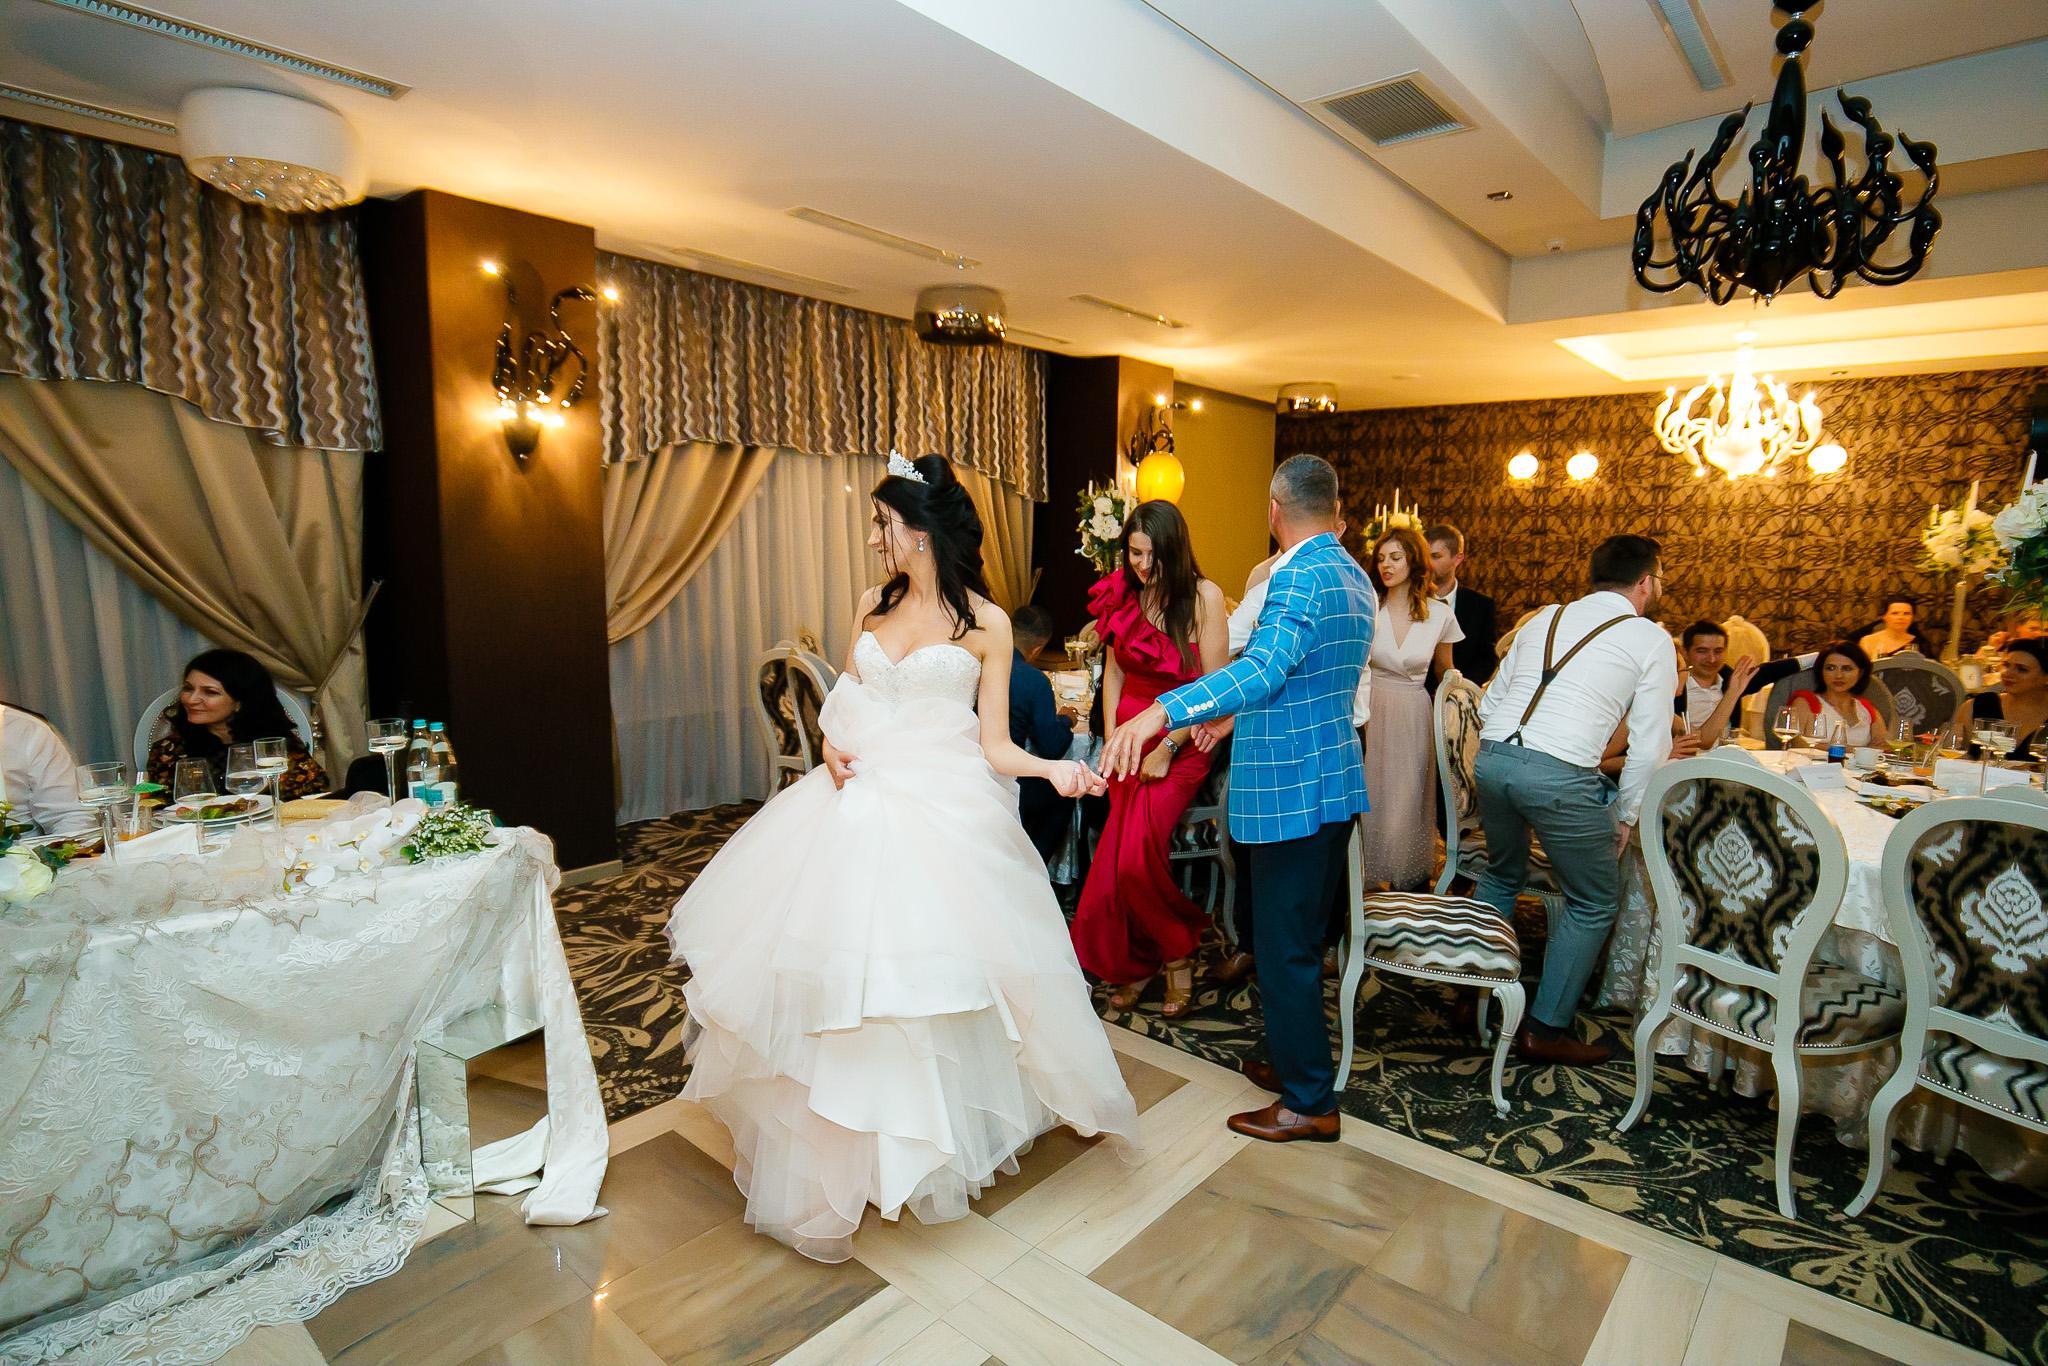 Larisa si Bogdan Nuntă la Pleiada fotograf profesionist nunta Iasi www.paulpadurariu.ro © 2018 Paul Padurariu petrecere 11